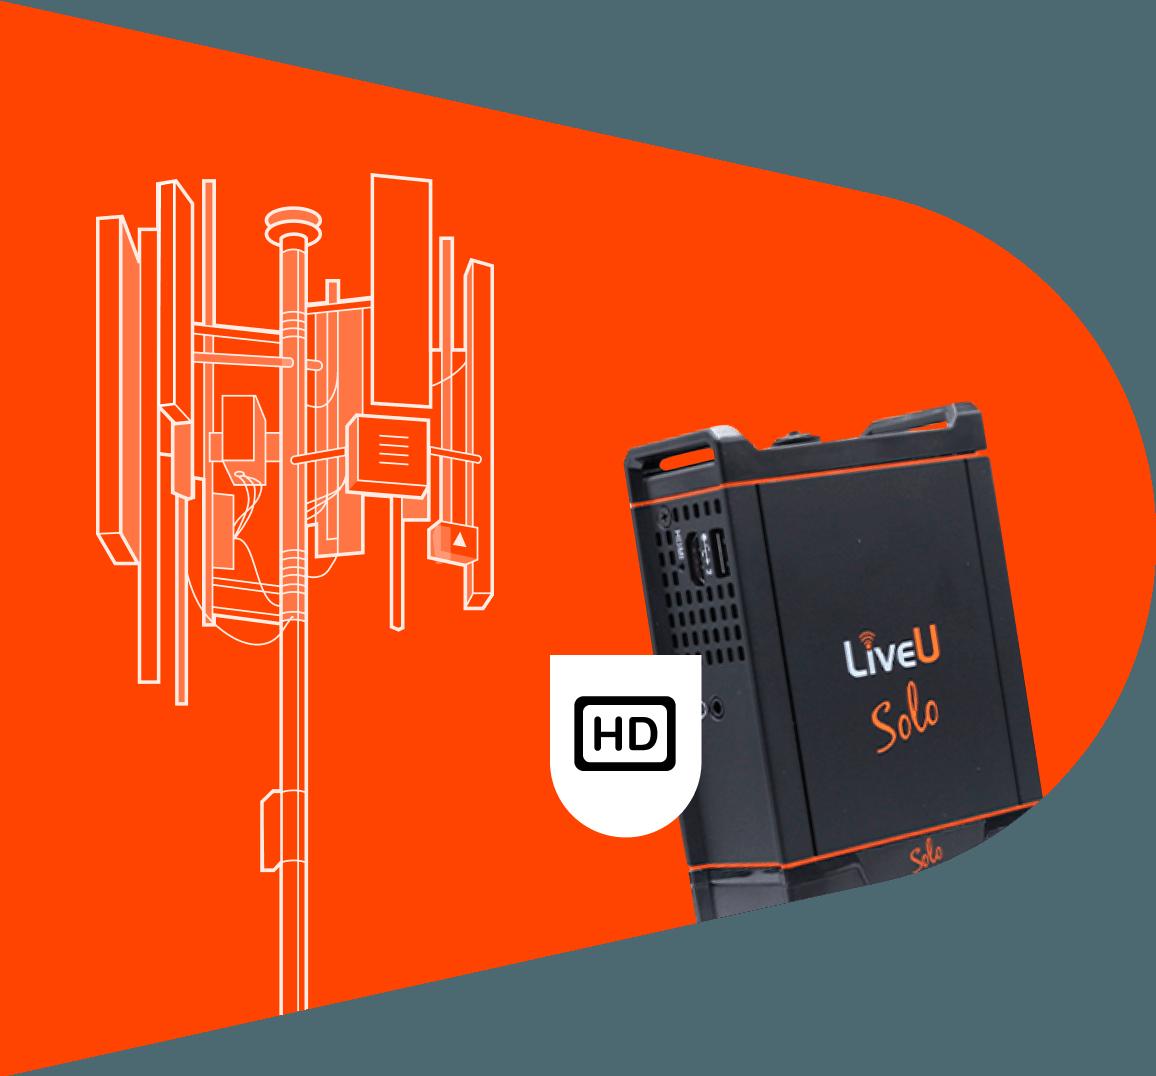 Deliver rock-solid reliable videos